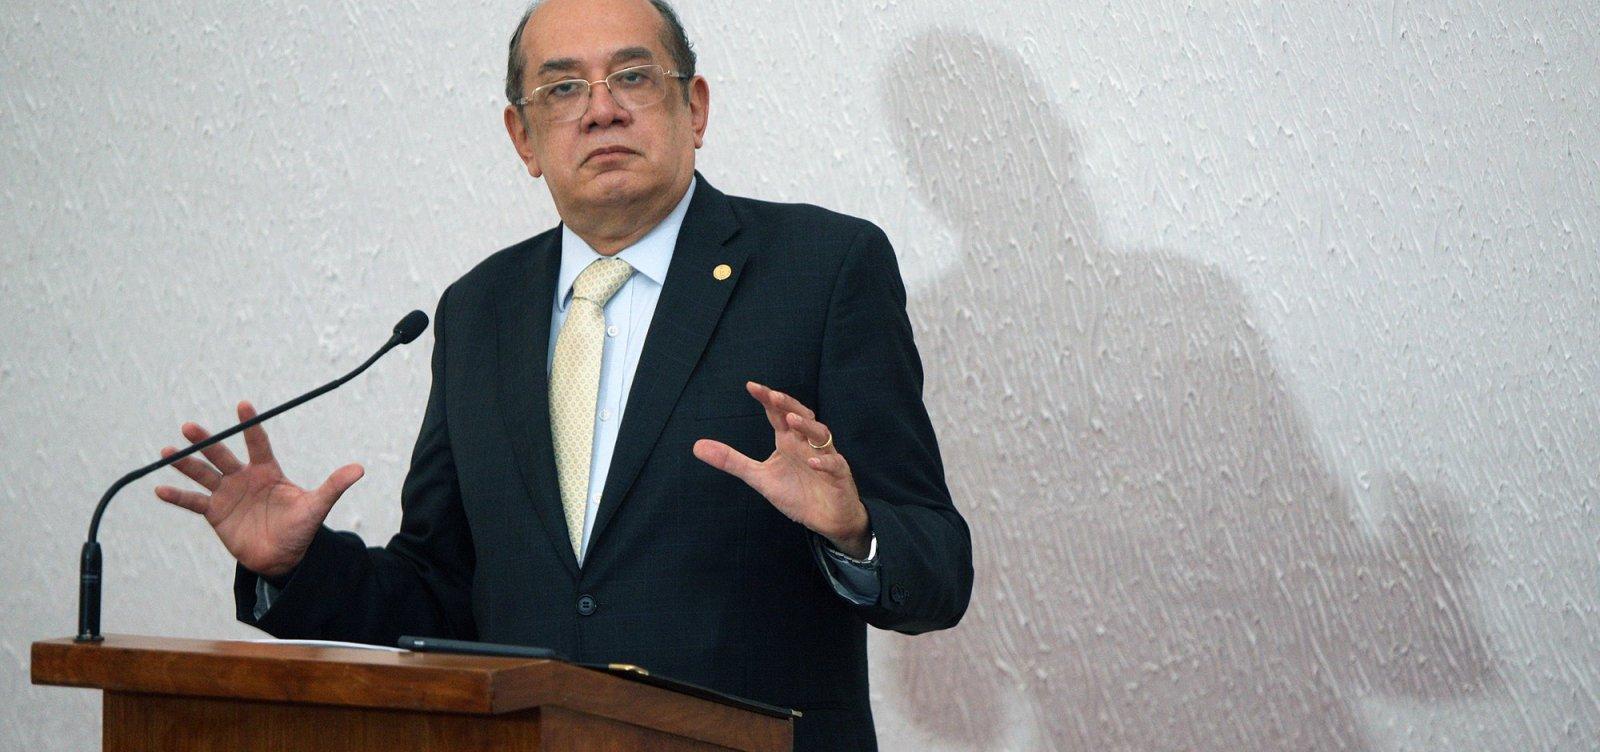 ['Lula é digno de um julgamento justo', diz Gilmar Mendes]